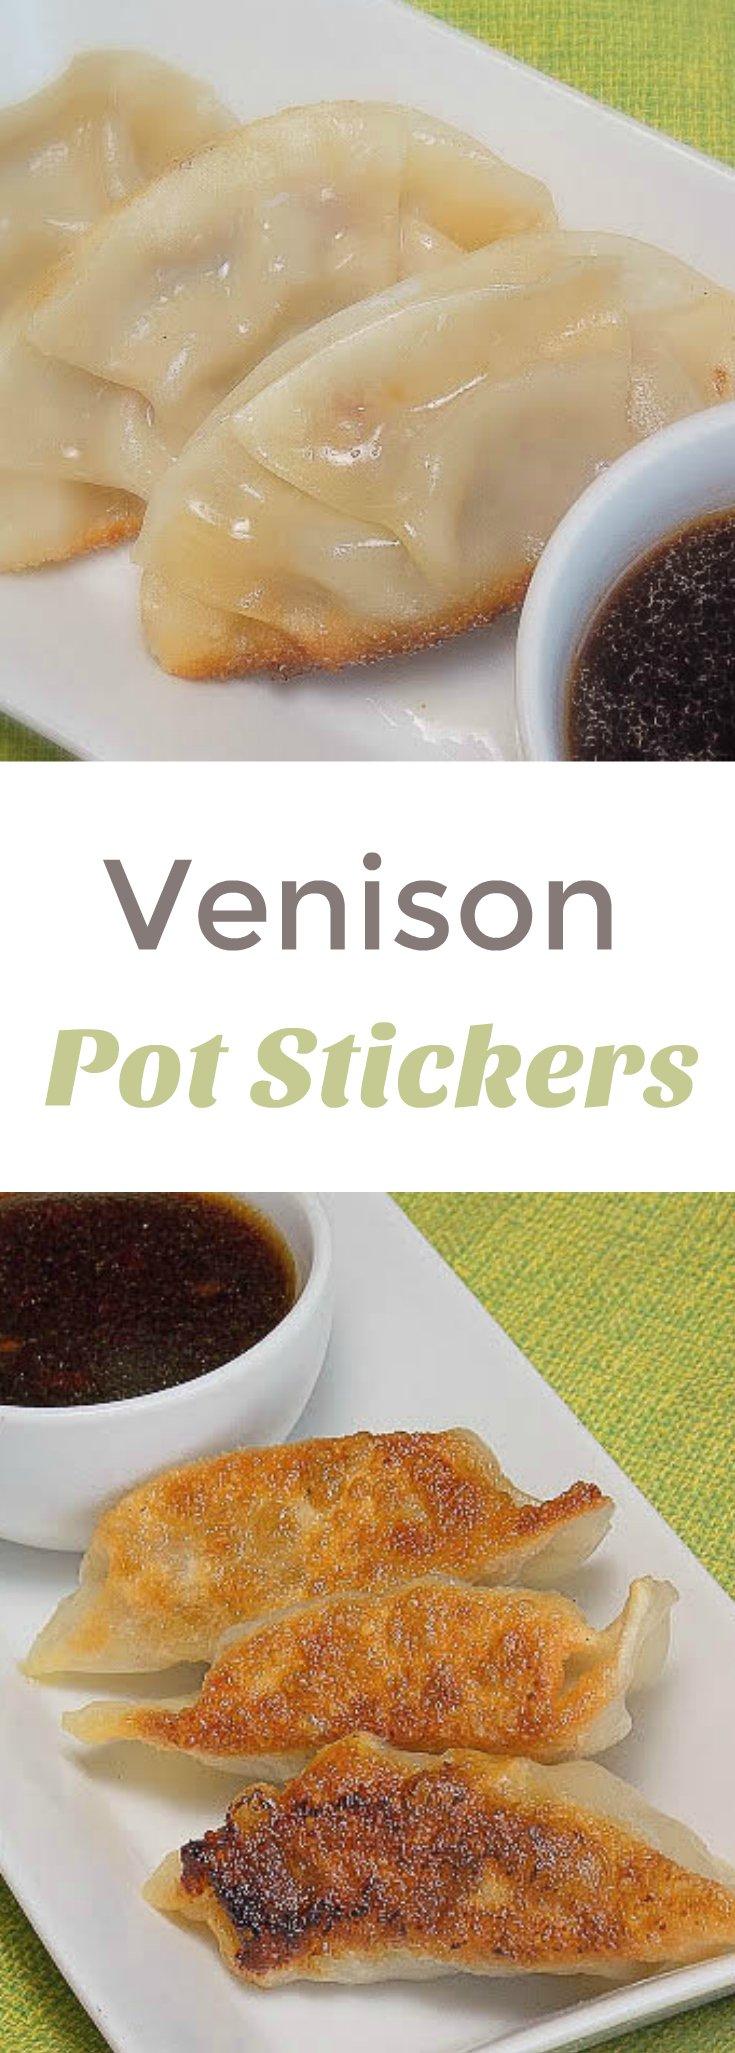 Venison Pot Stickers